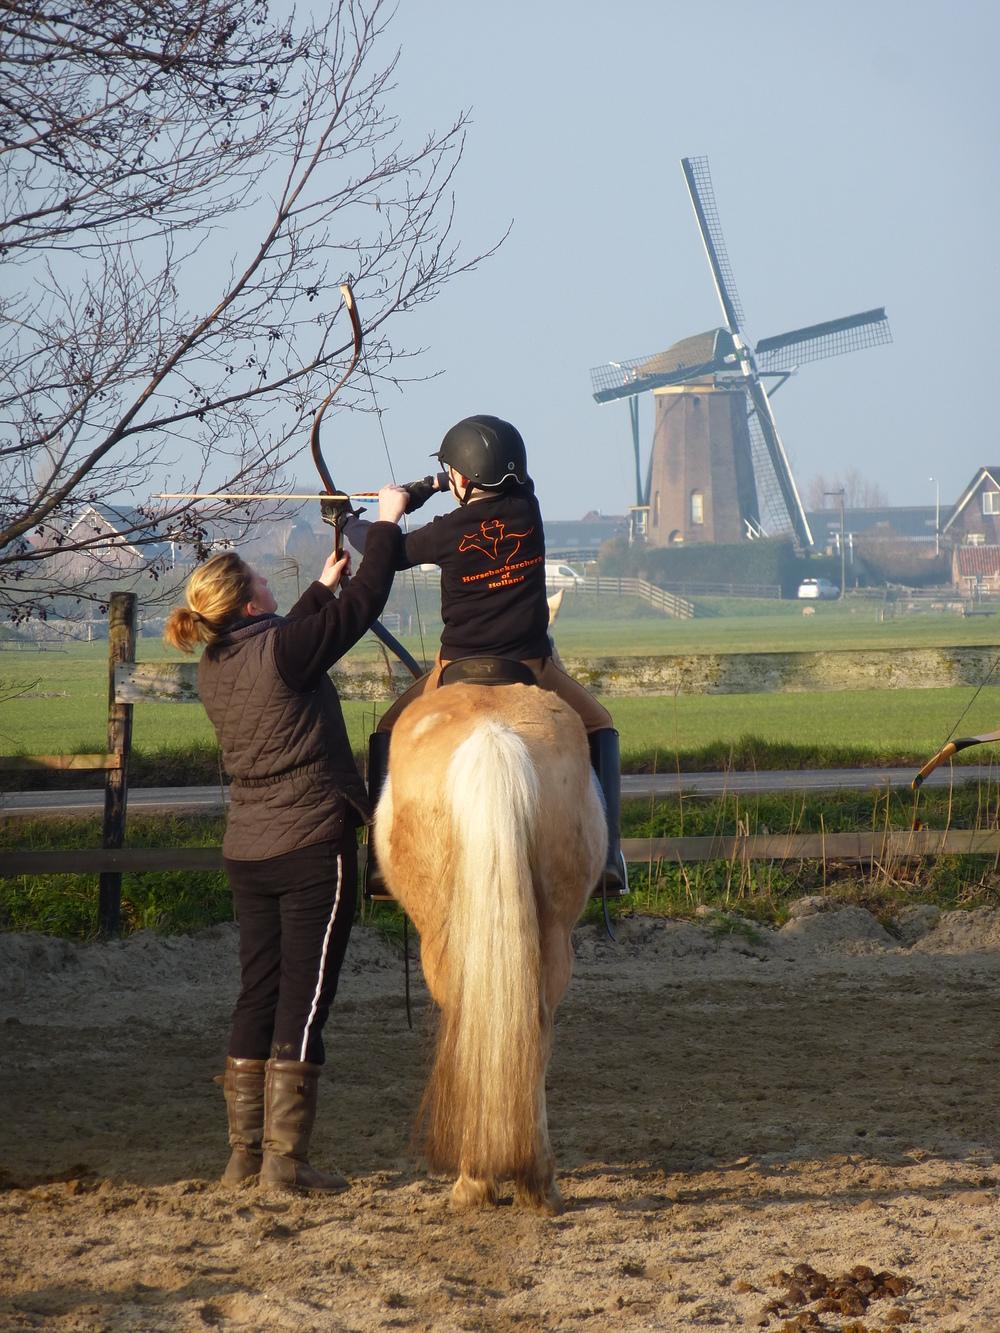 De grondlegger van horsebackarchery in Nederland, Claire Hagen, geeft uitleg aan de nieuwe generatie.